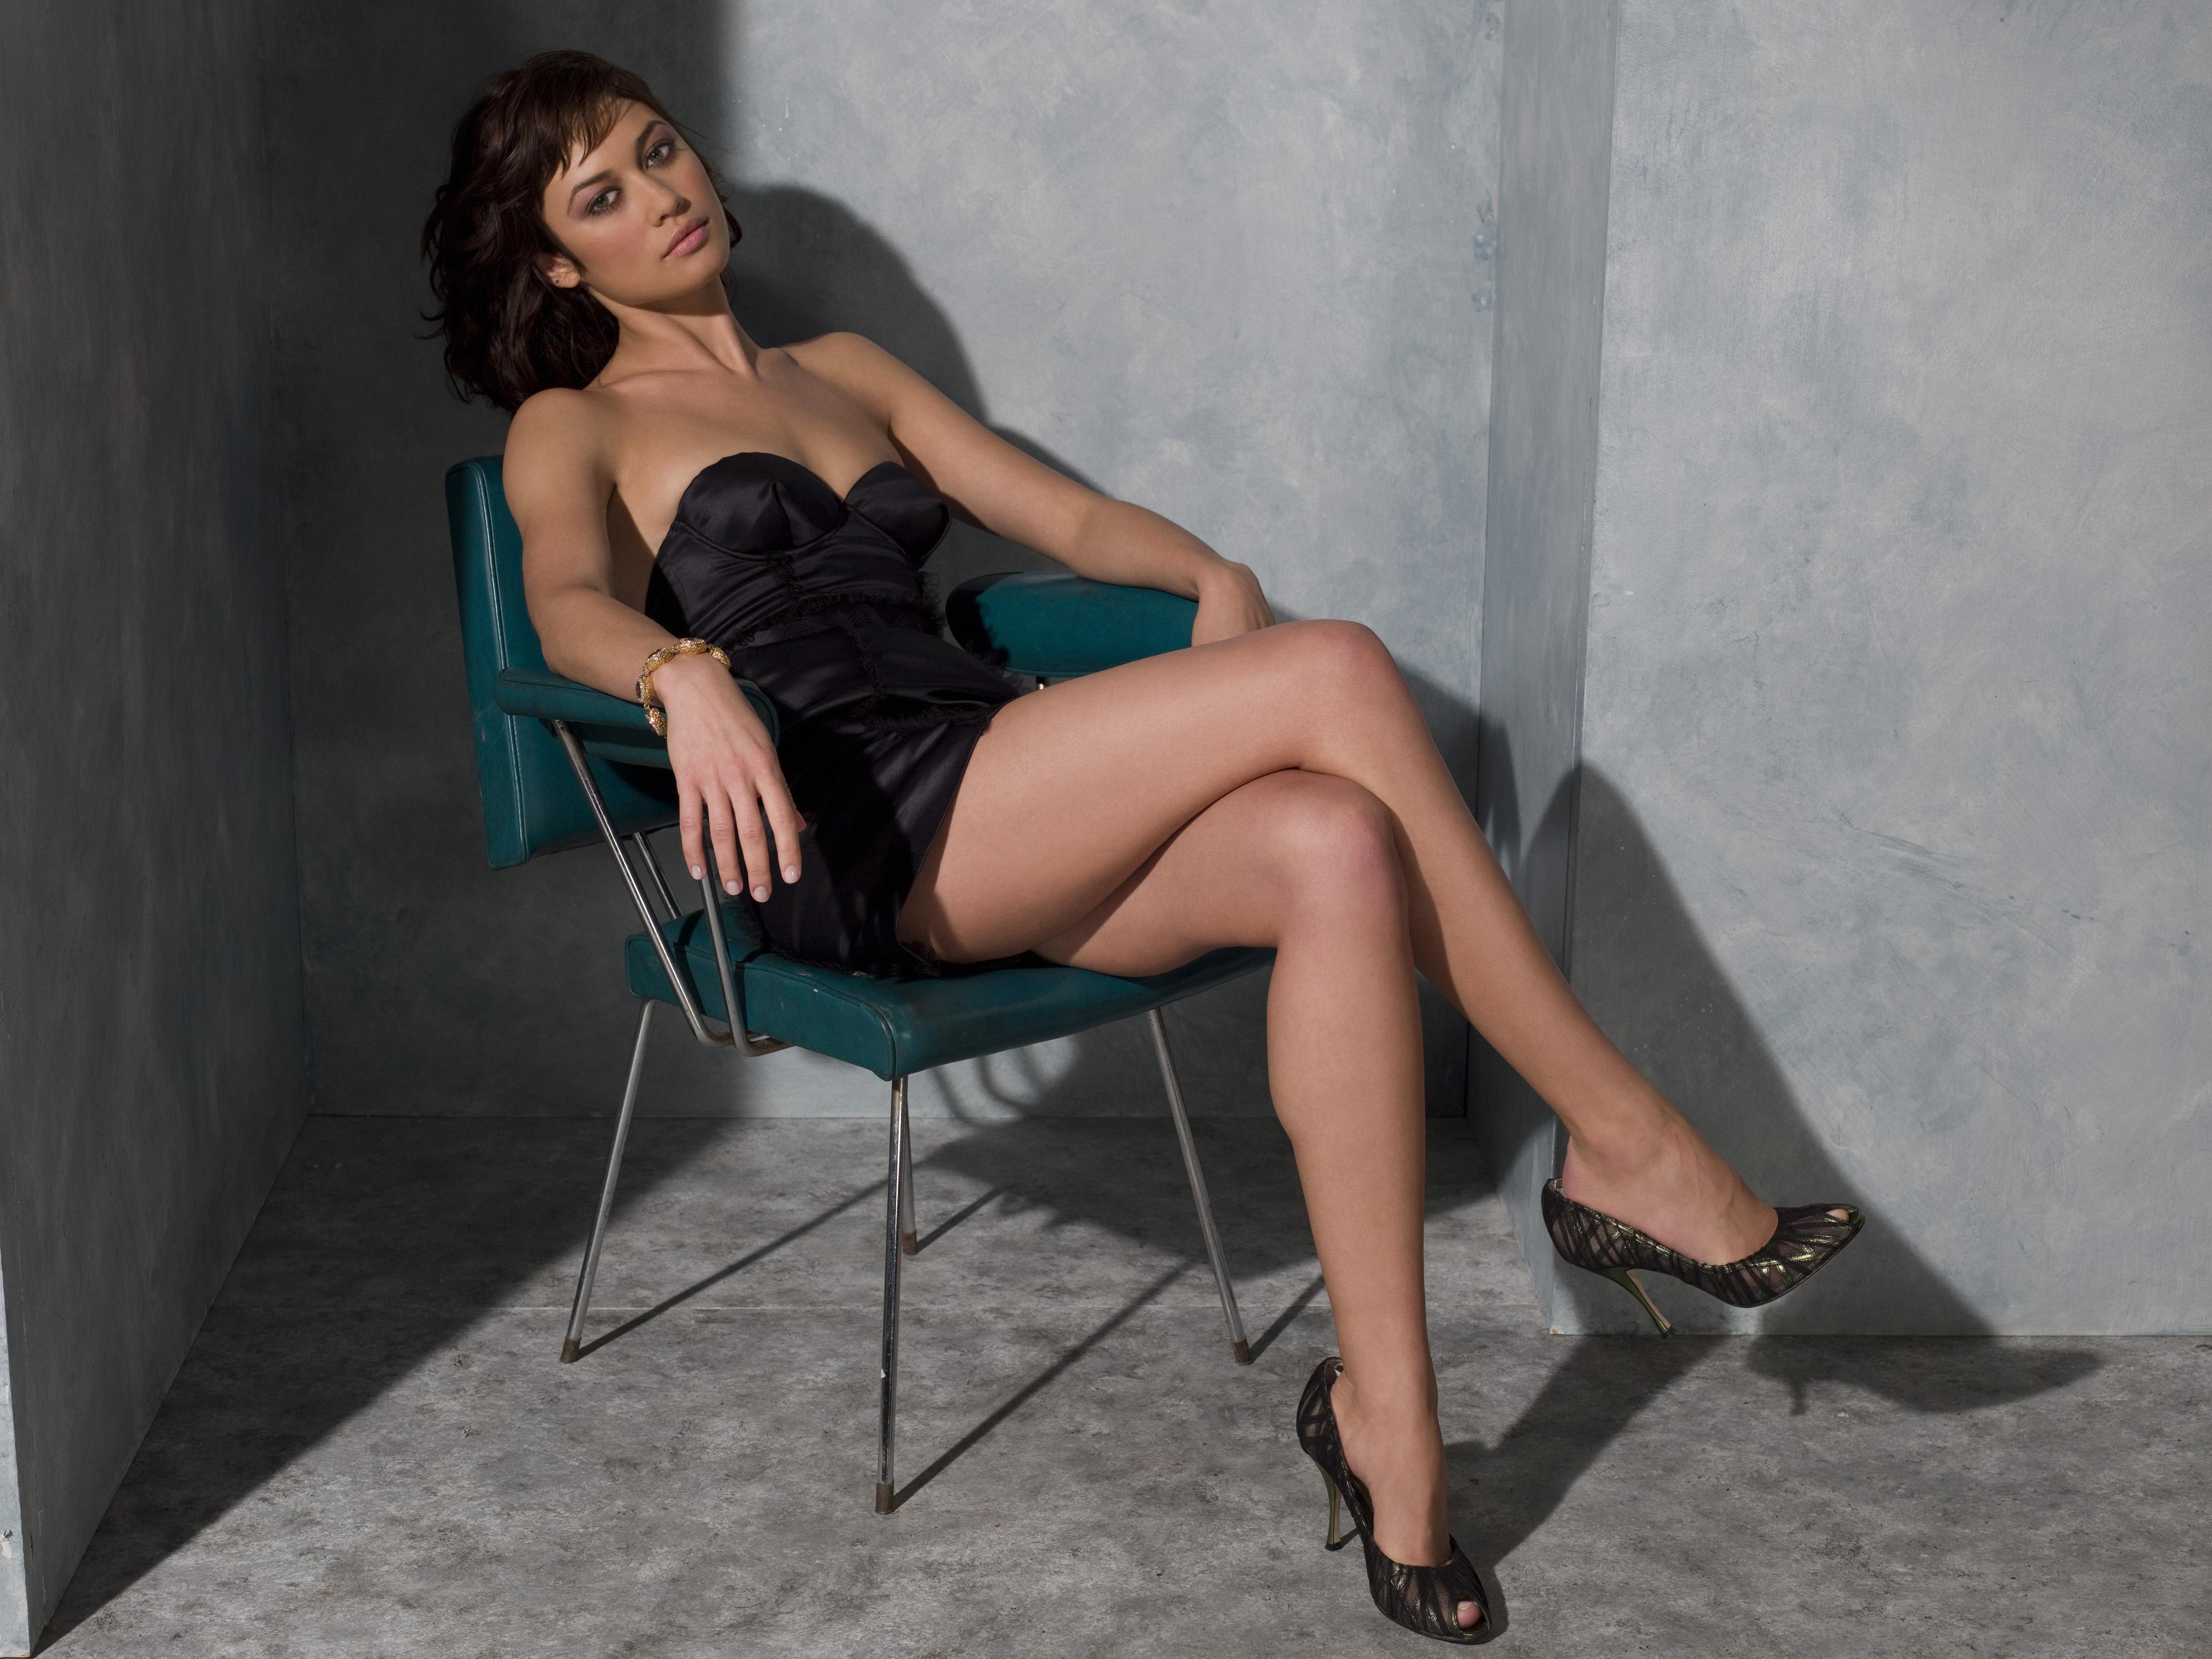 Лена беркова фут фетиш фото>> krvr.ru- Порно-видео для души и секса ...